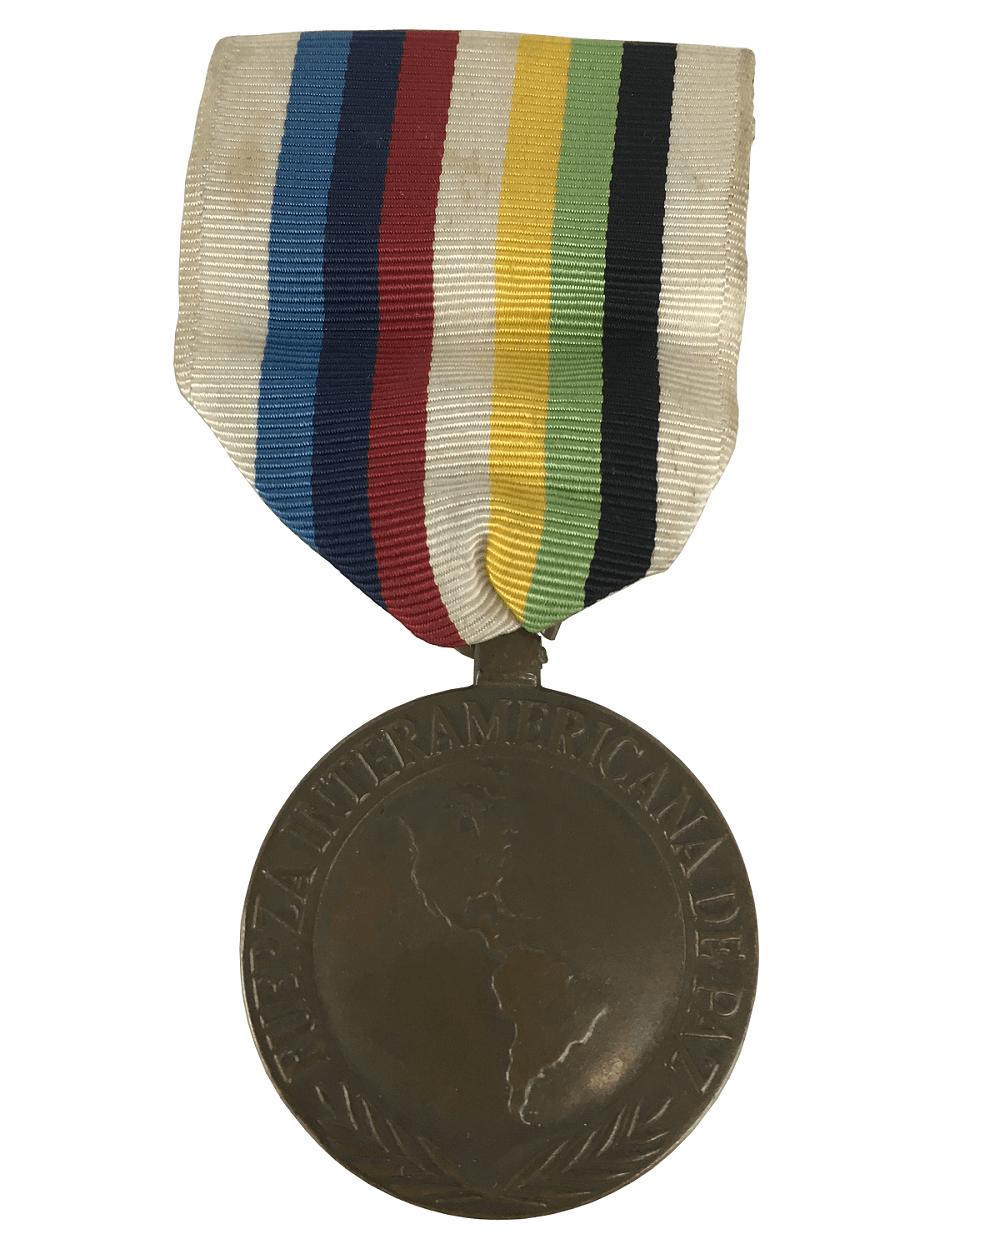 Antiga Medalha Militar Força Inter Americana De Paz